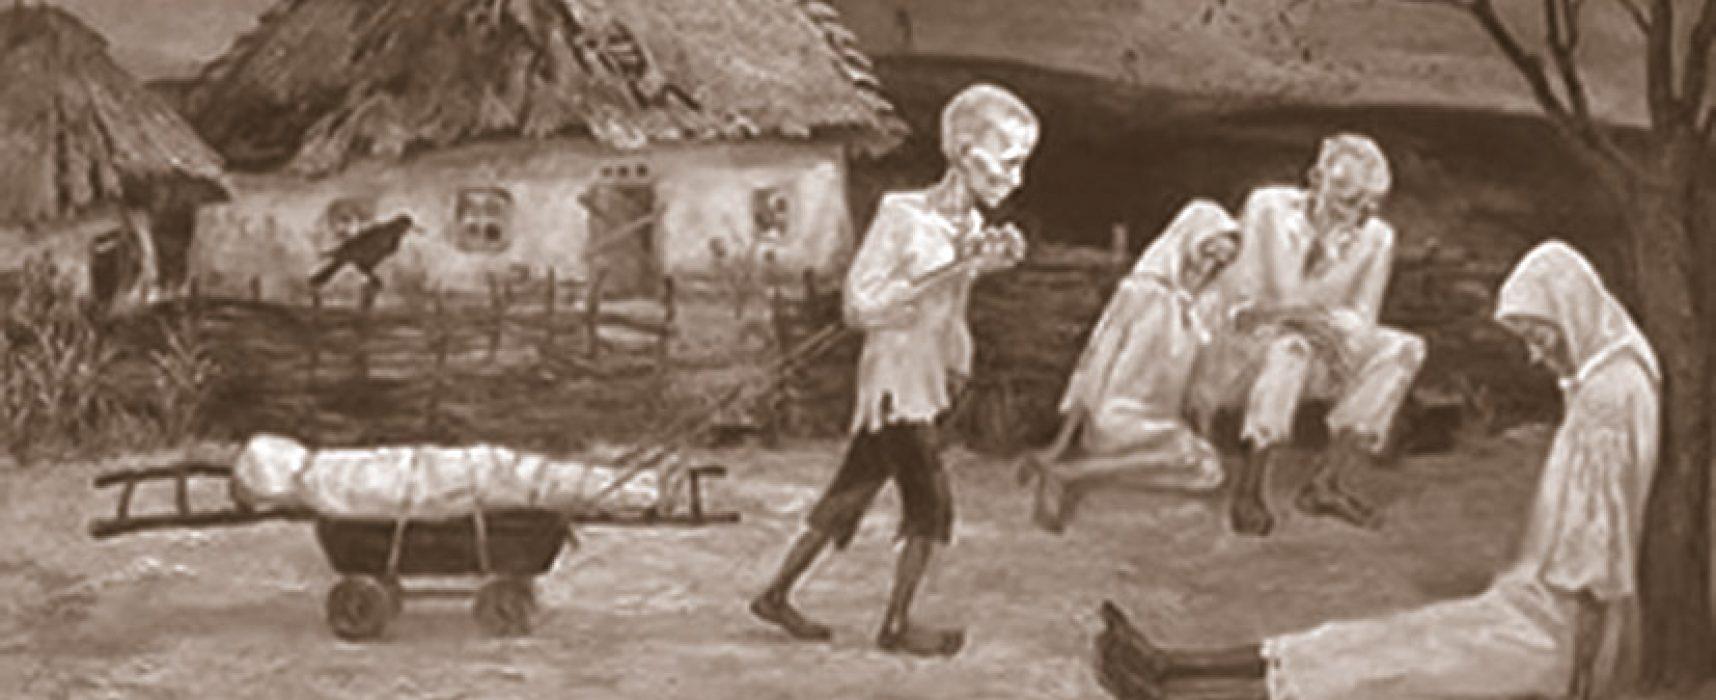 Violazione dei diritti fondamentali della persona in Ucraina negli anni 1917-1953